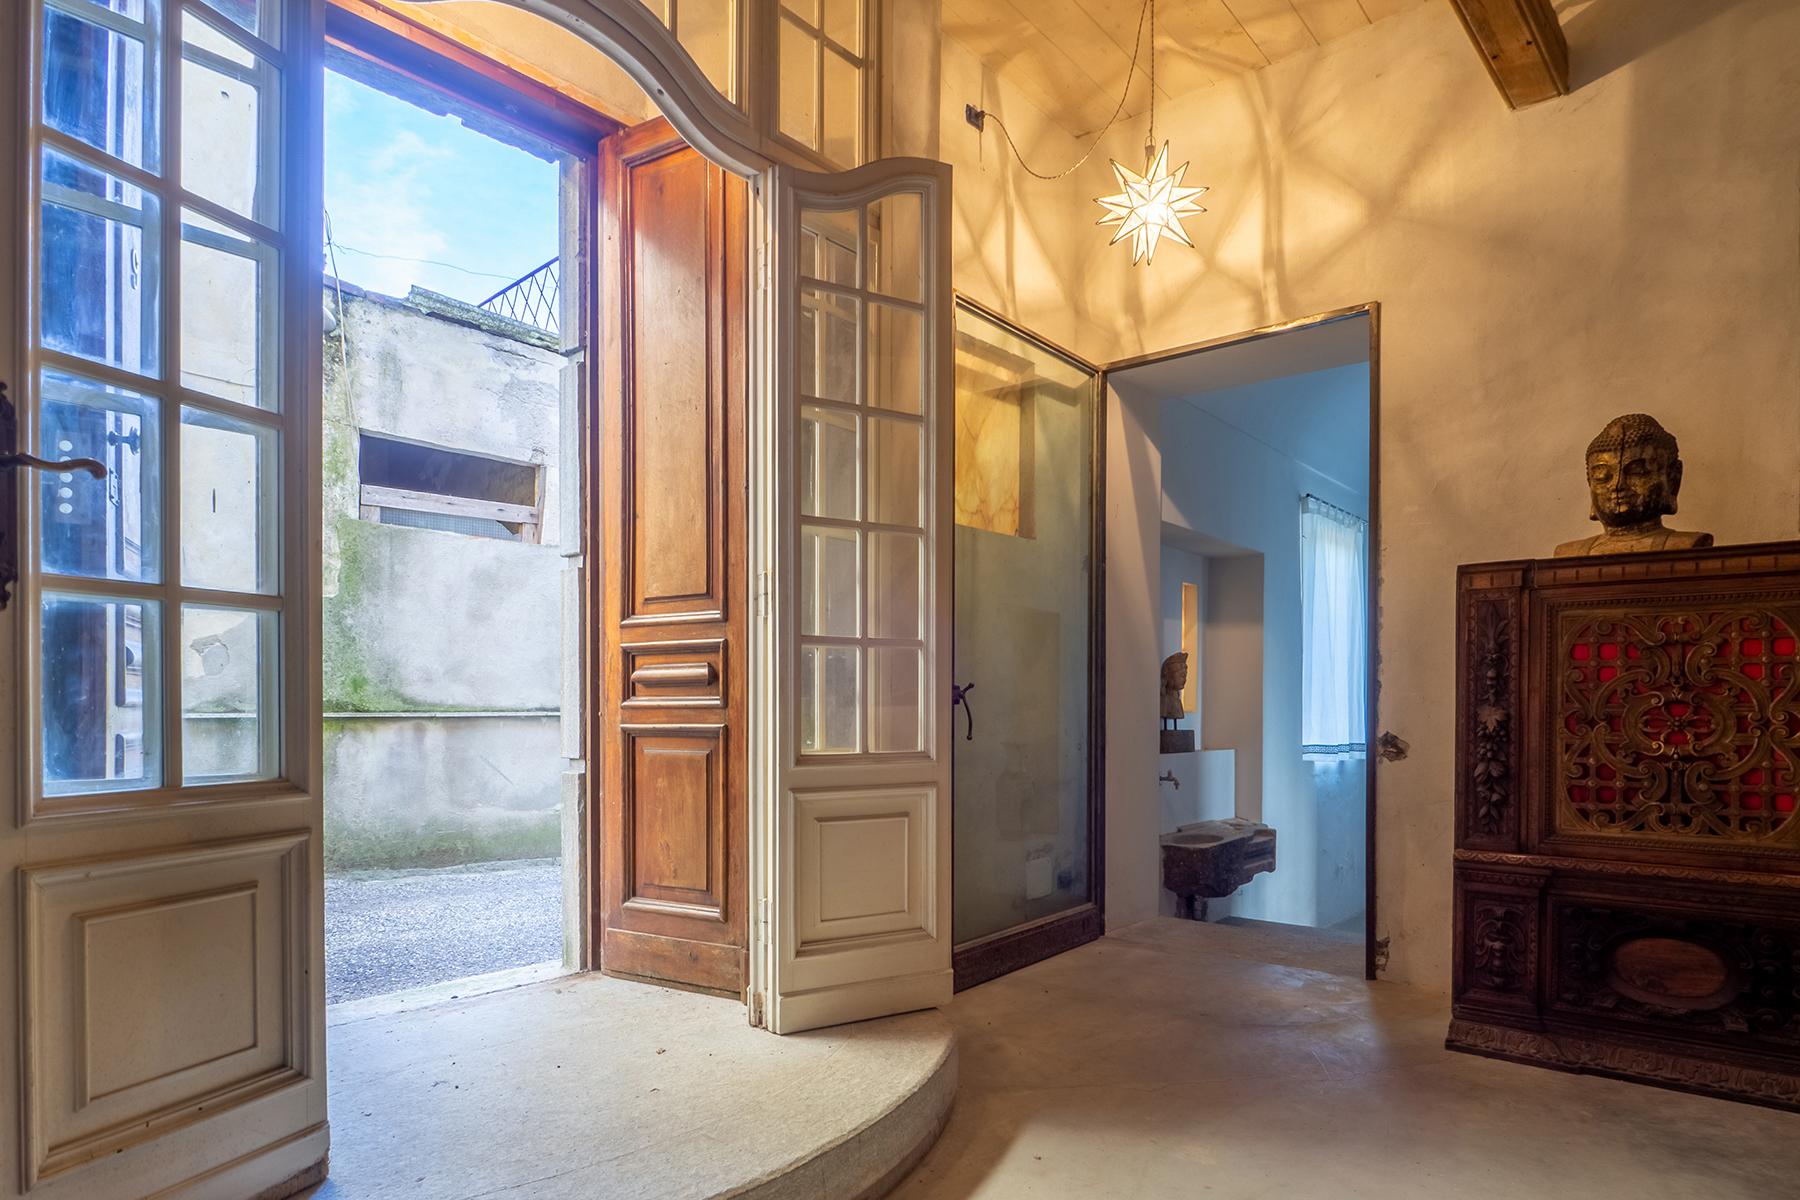 Casa indipendente in Vendita a Moncestino: 5 locali, 300 mq - Foto 14